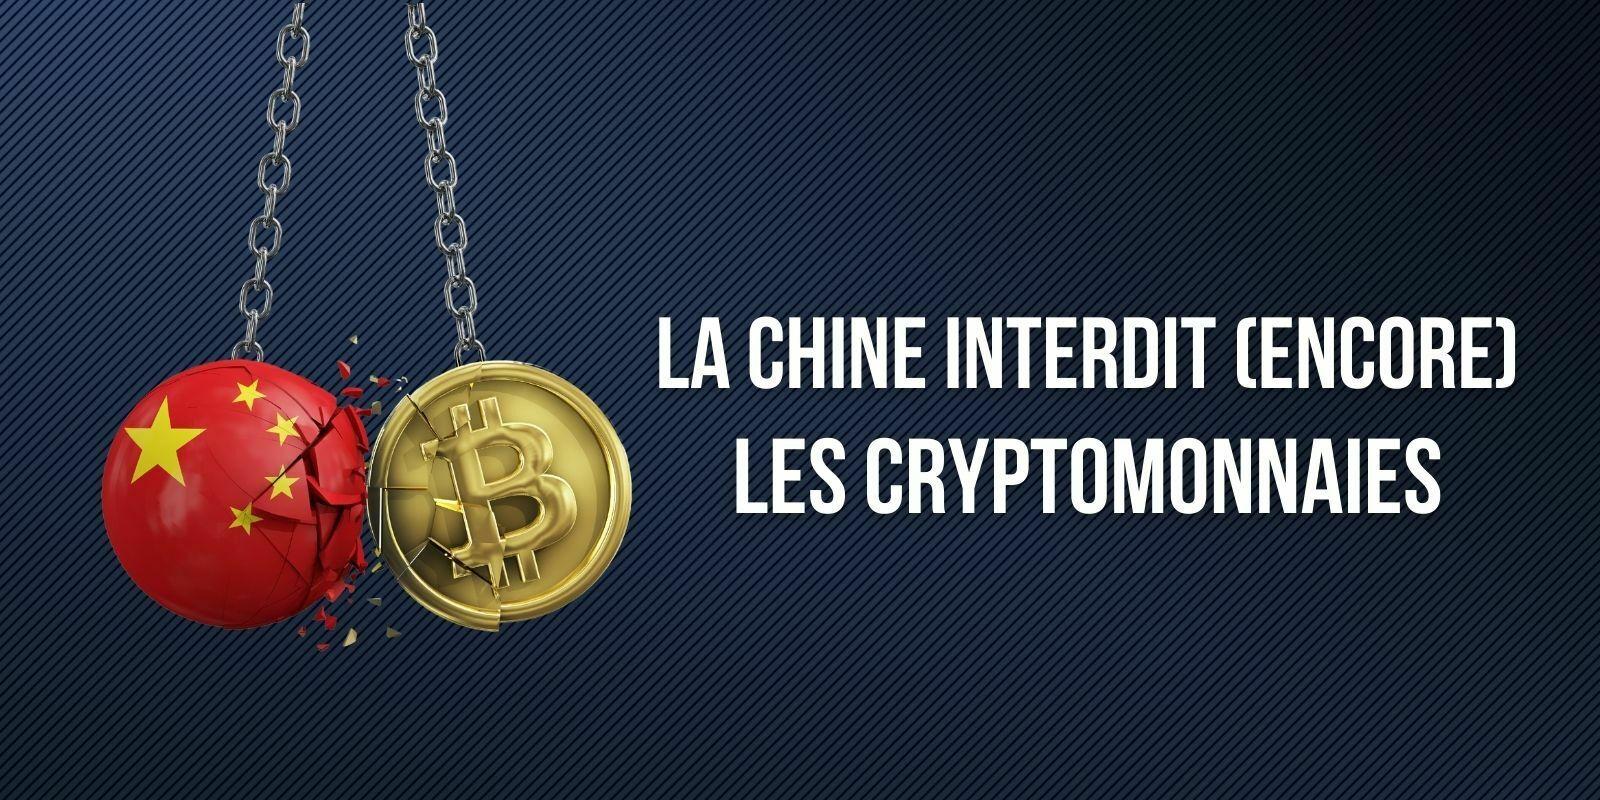 La Chine interdit pour la onzième fois les cryptomonnaies – Est-ce vraiment différent des autres fois ?